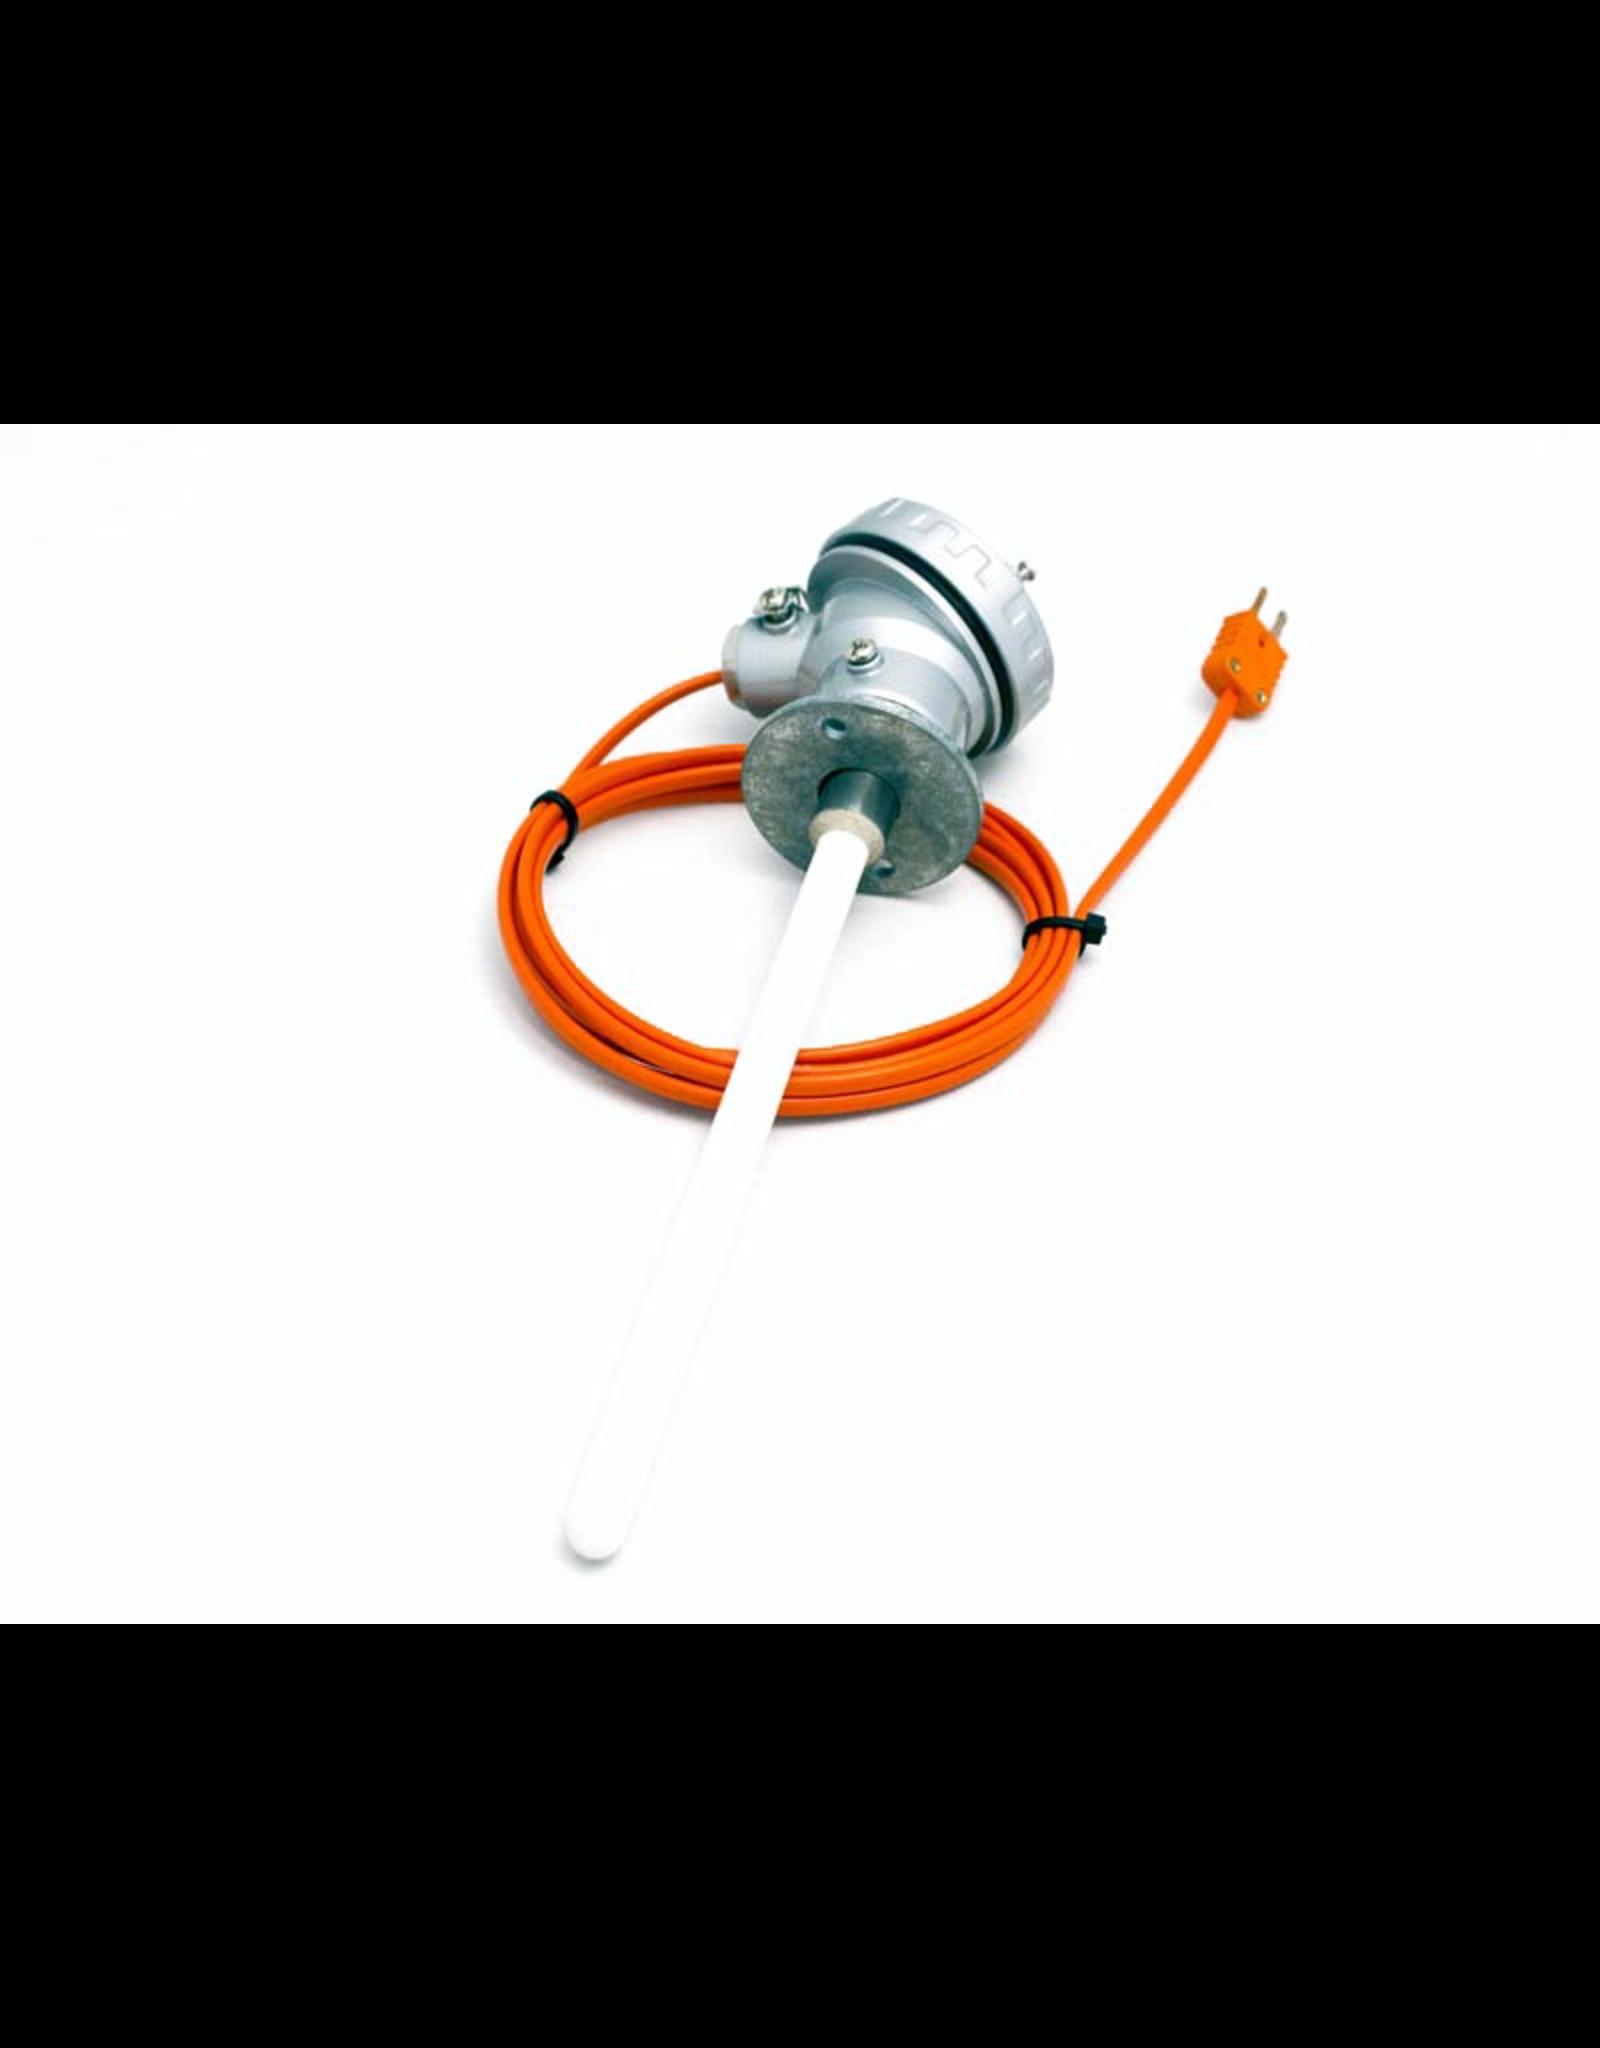 Mitsco 200mm Type R Thermocouple > 1350°C